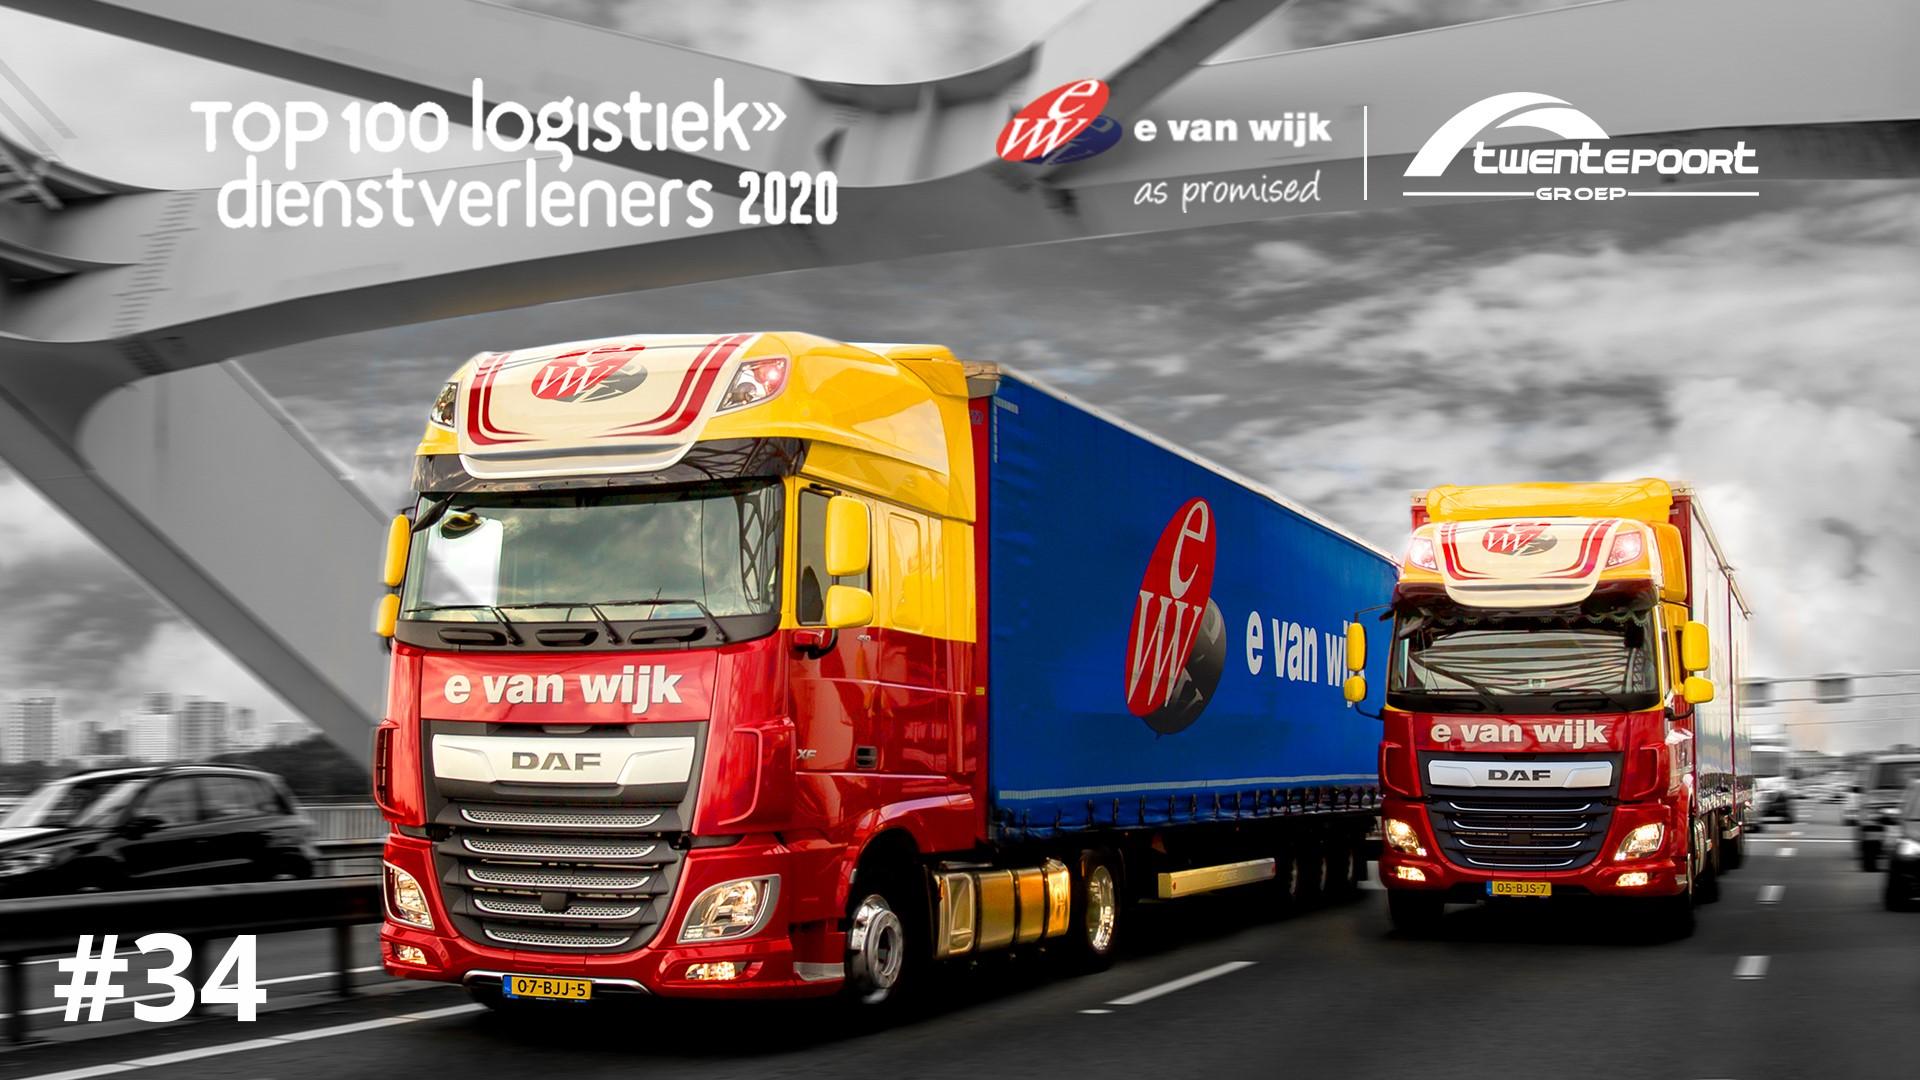 Reuzensprong voor Logistiek Dienstverlener E. van Wijk